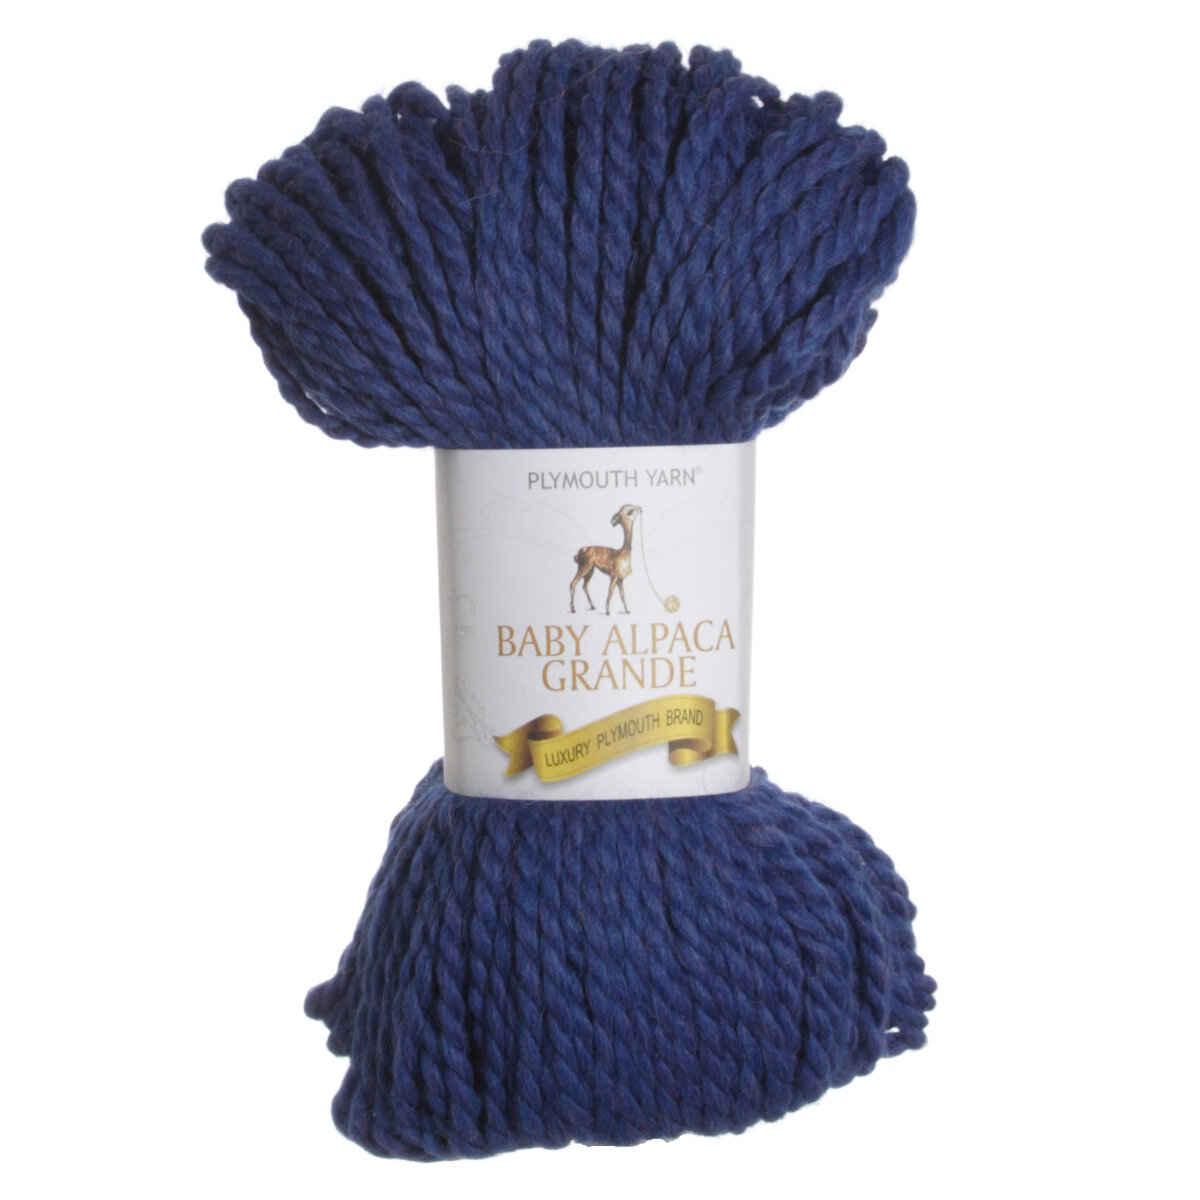 Plymouth Yarn Baby Alpaca Grande Yarn 7706 Blue Heather